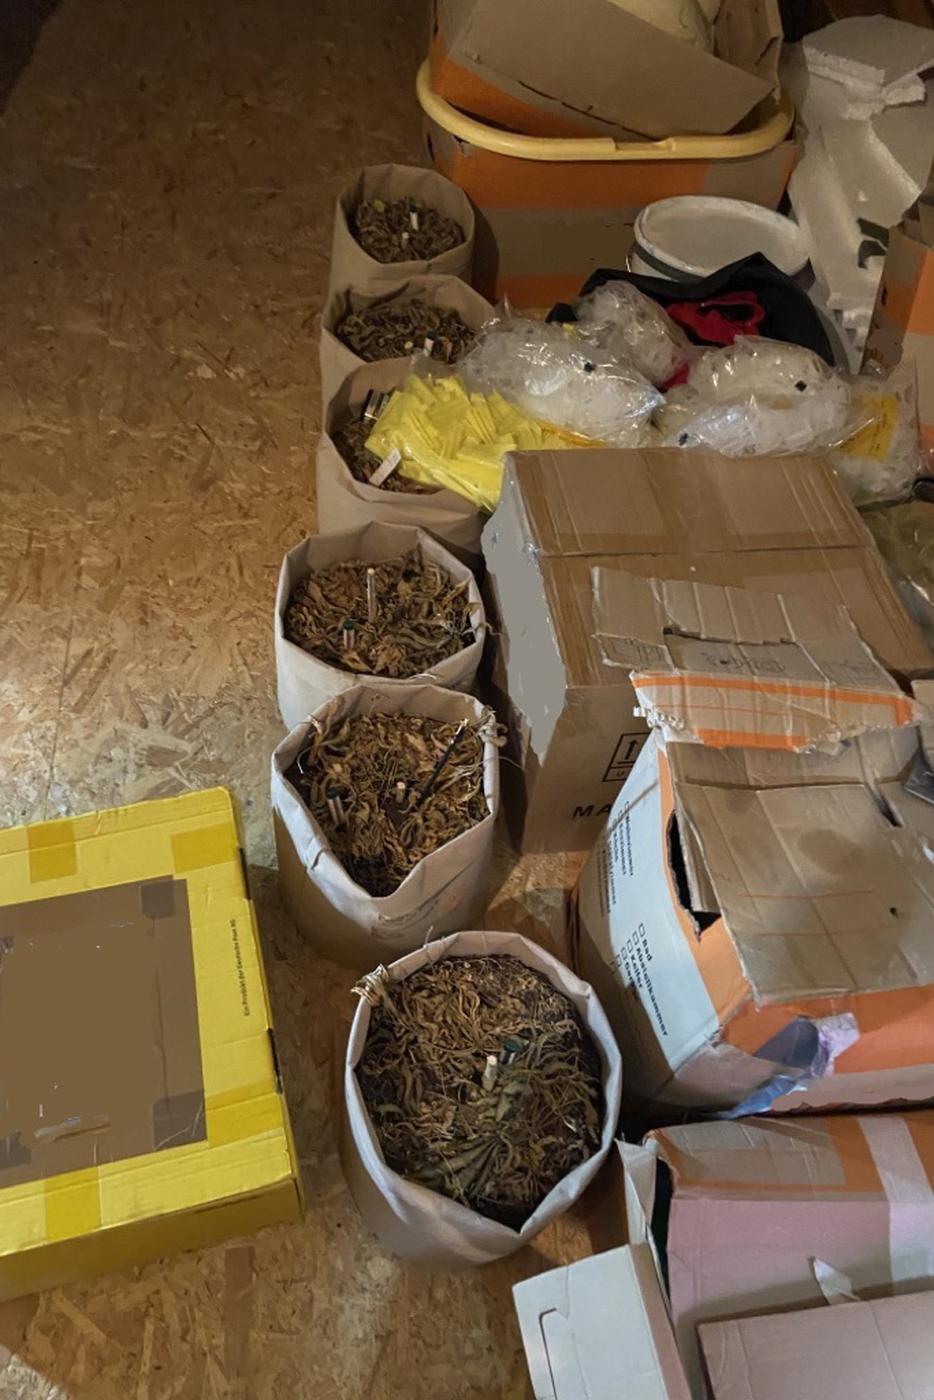 250 Gramm Marihuana entdeckten die Zollbeamten zufällig, als sie in einer Wohnung in Willstätt nach Beweisen für Schwarzarbeit suchten.